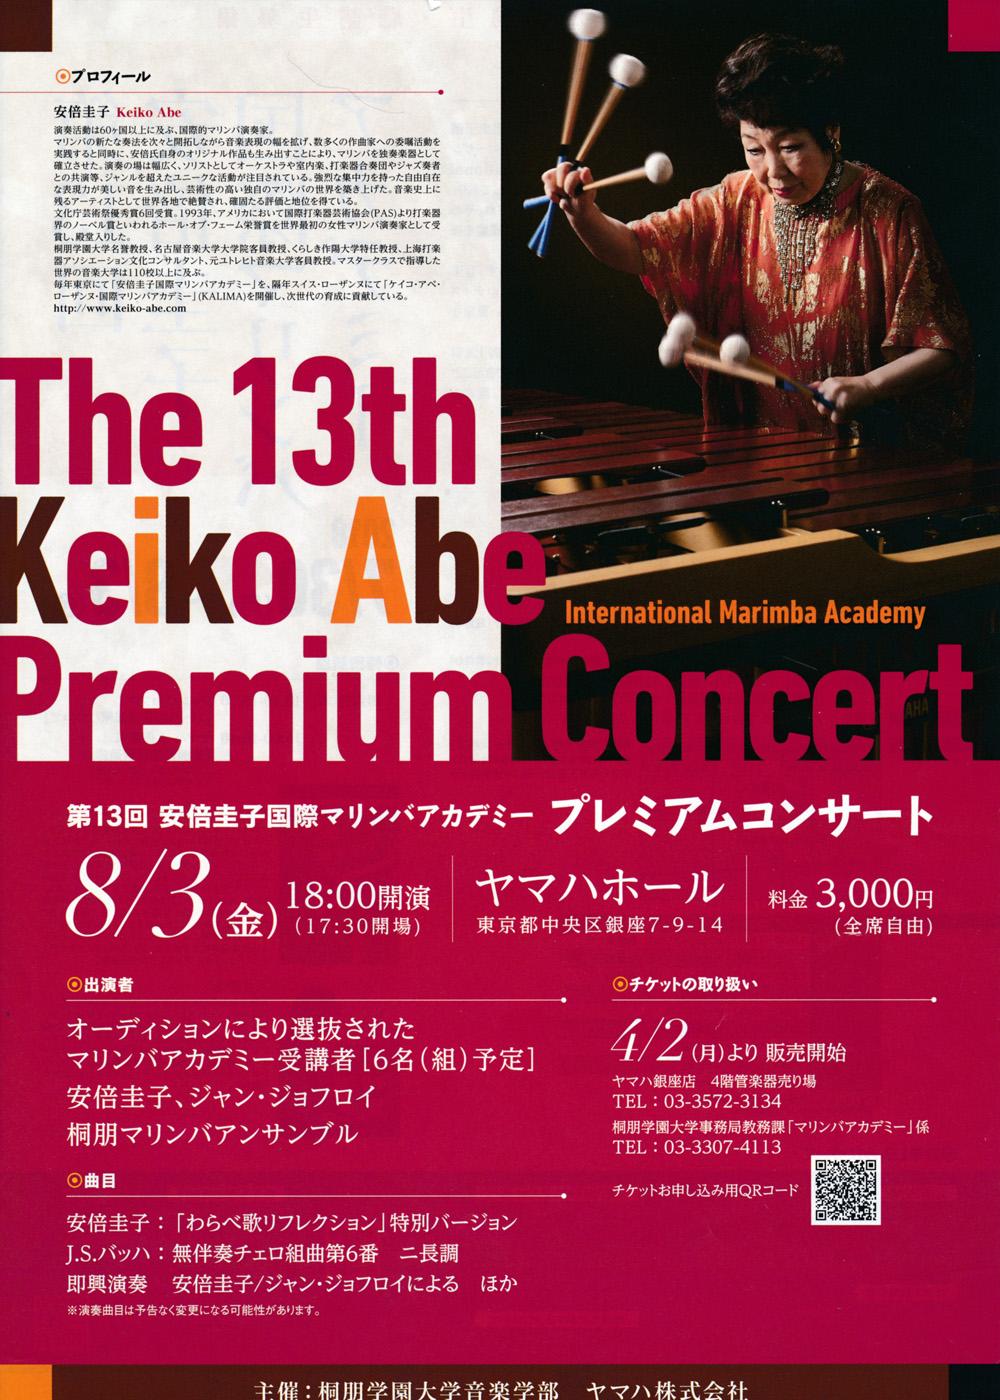 The 13th lnternational Marimba Academy Keiko Abe Premium Concert